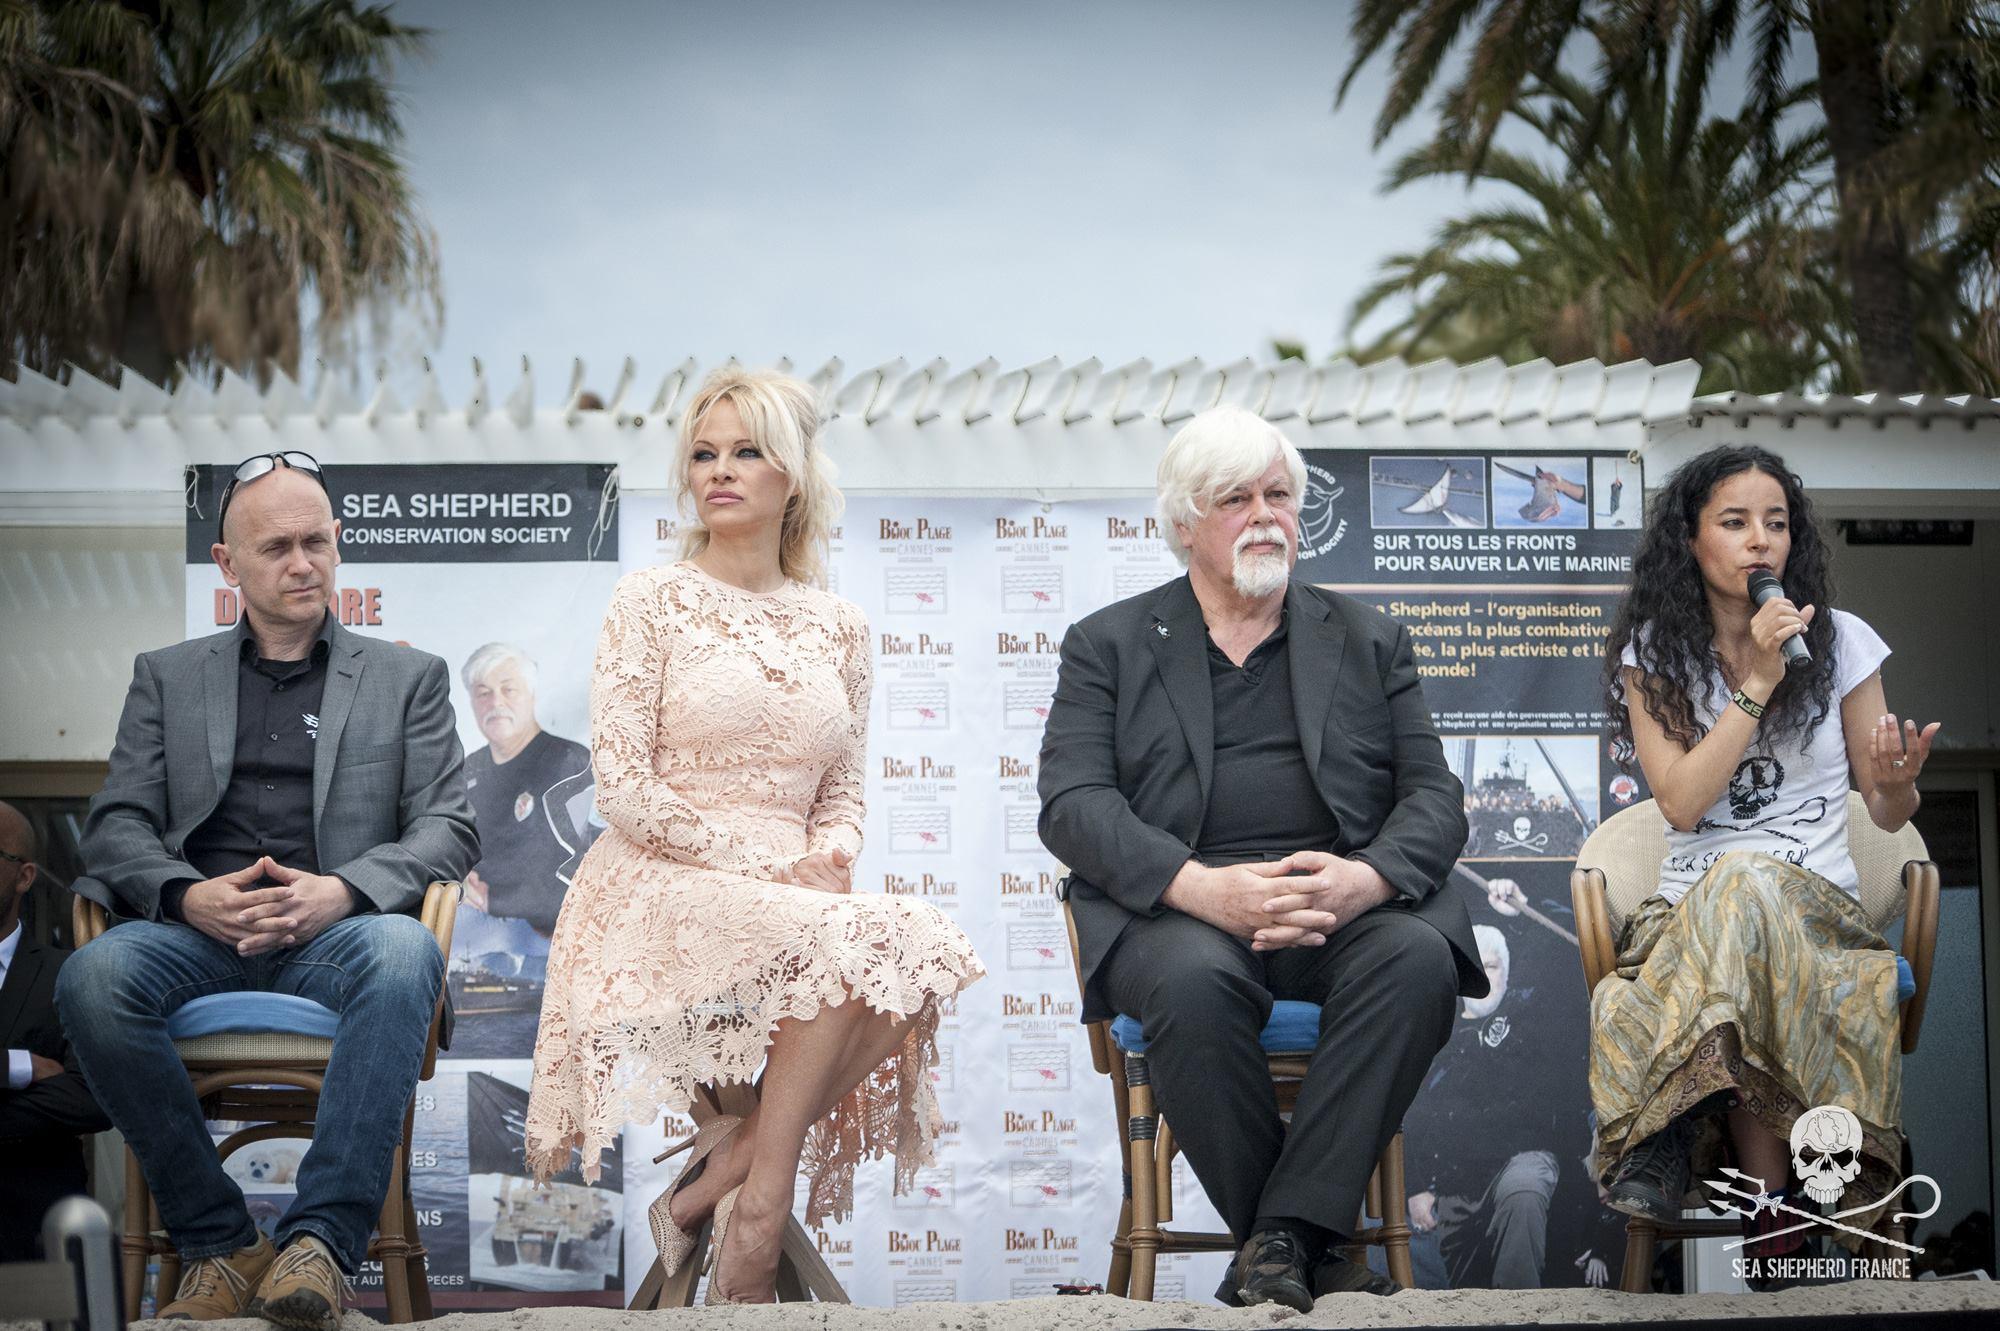 De gauche à droite : Alex Cornelissen (Directeur de Sea Shepherd), Pamela Anderson, Paul Watson (fondateur de Sea Shepherd) et Lamya Essemlali présentent le Tilikum Tank à Cannes pendant le festival.